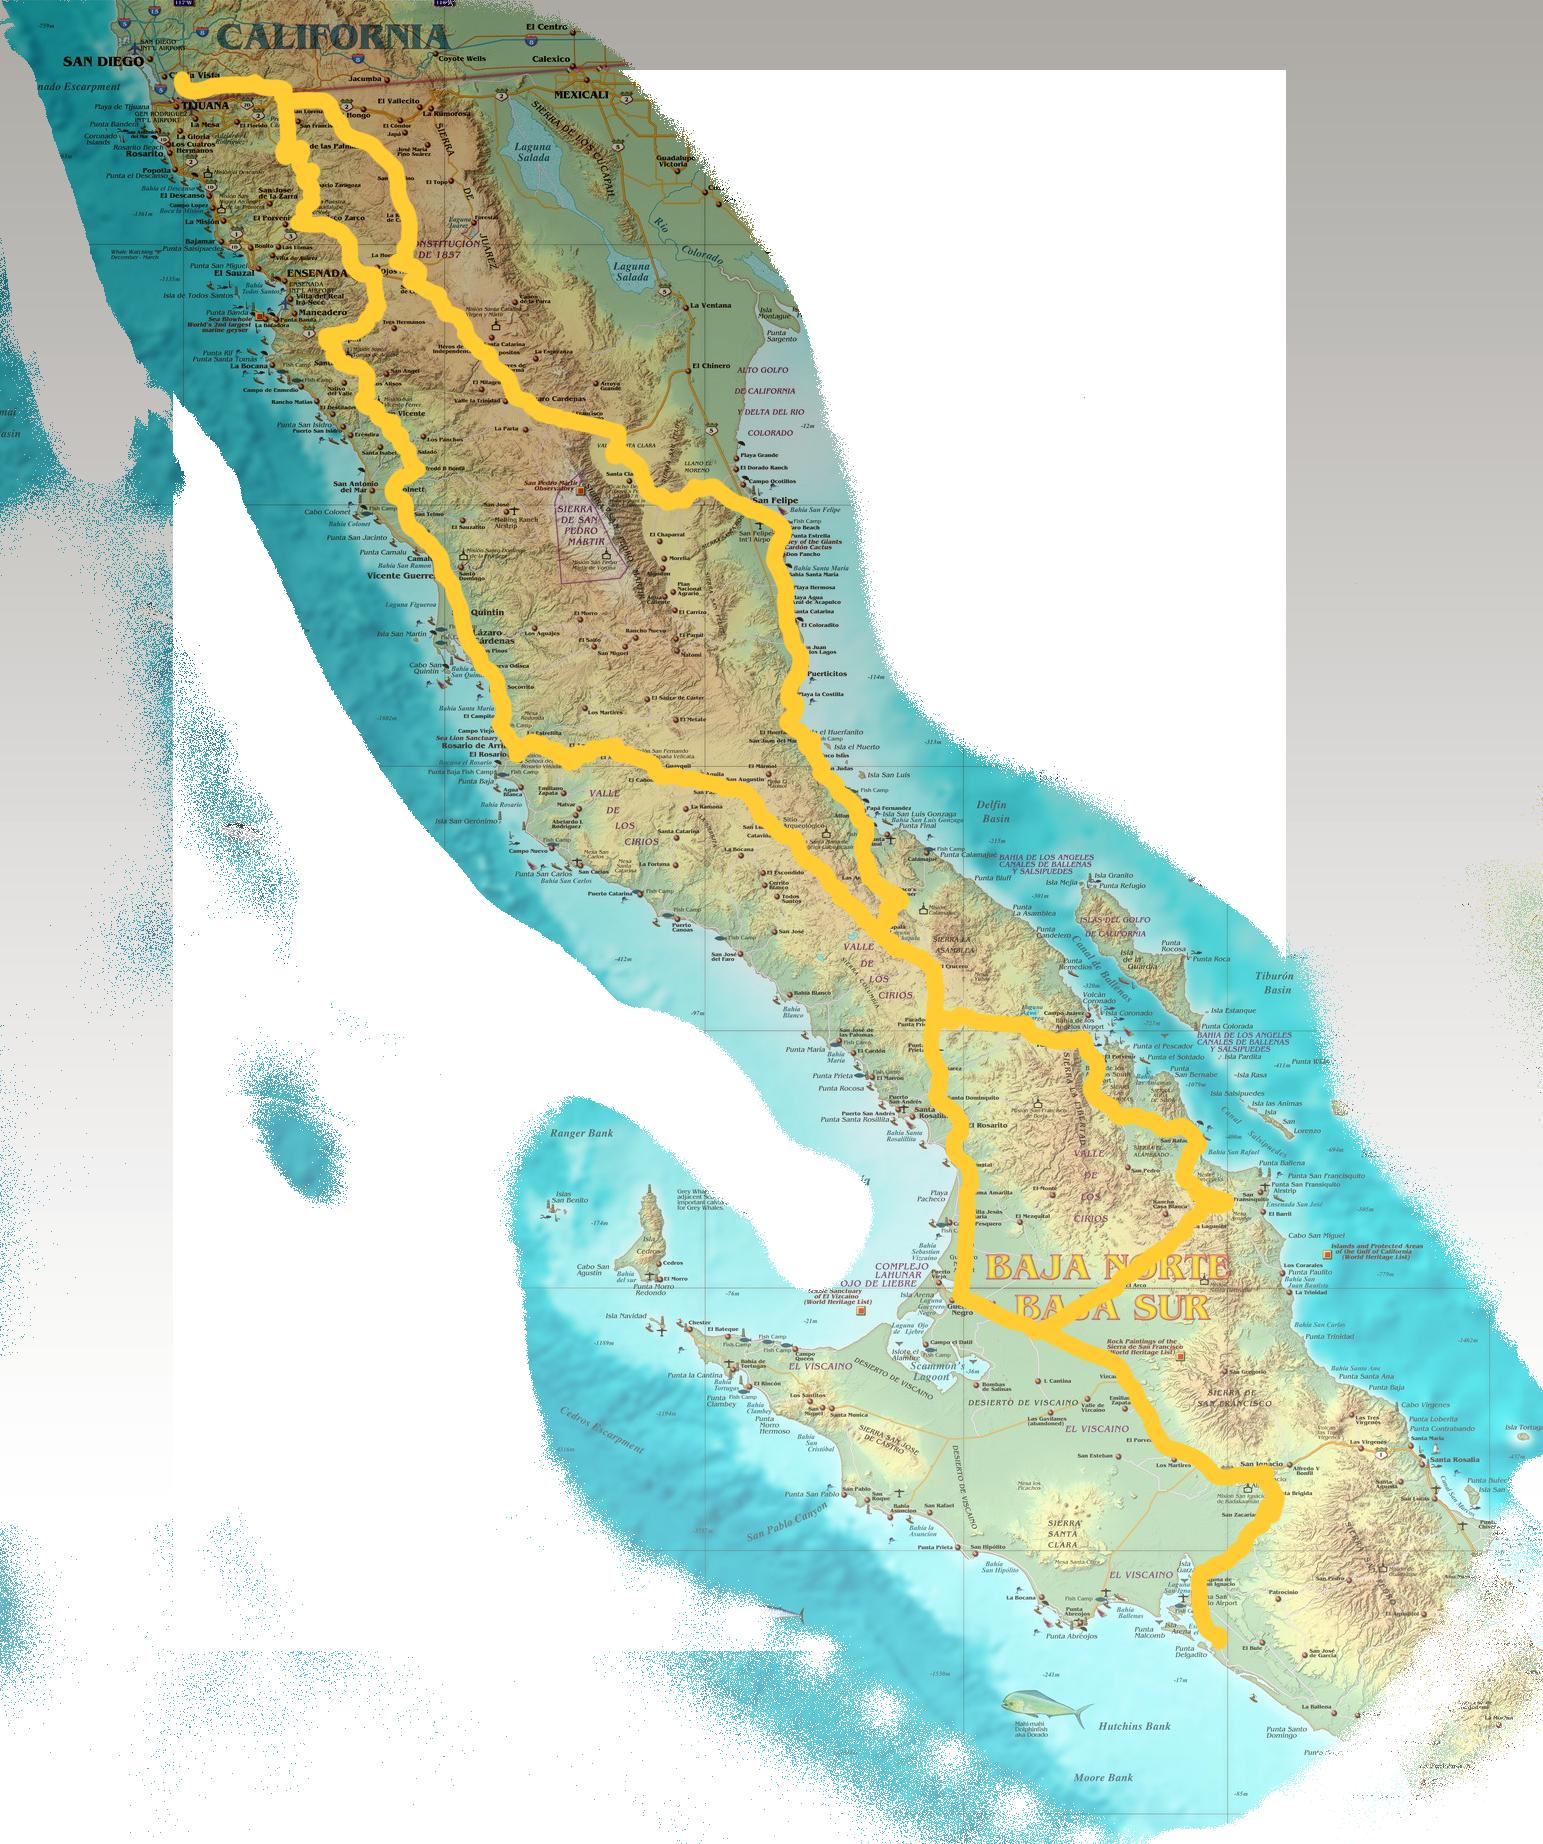 map of baja.png